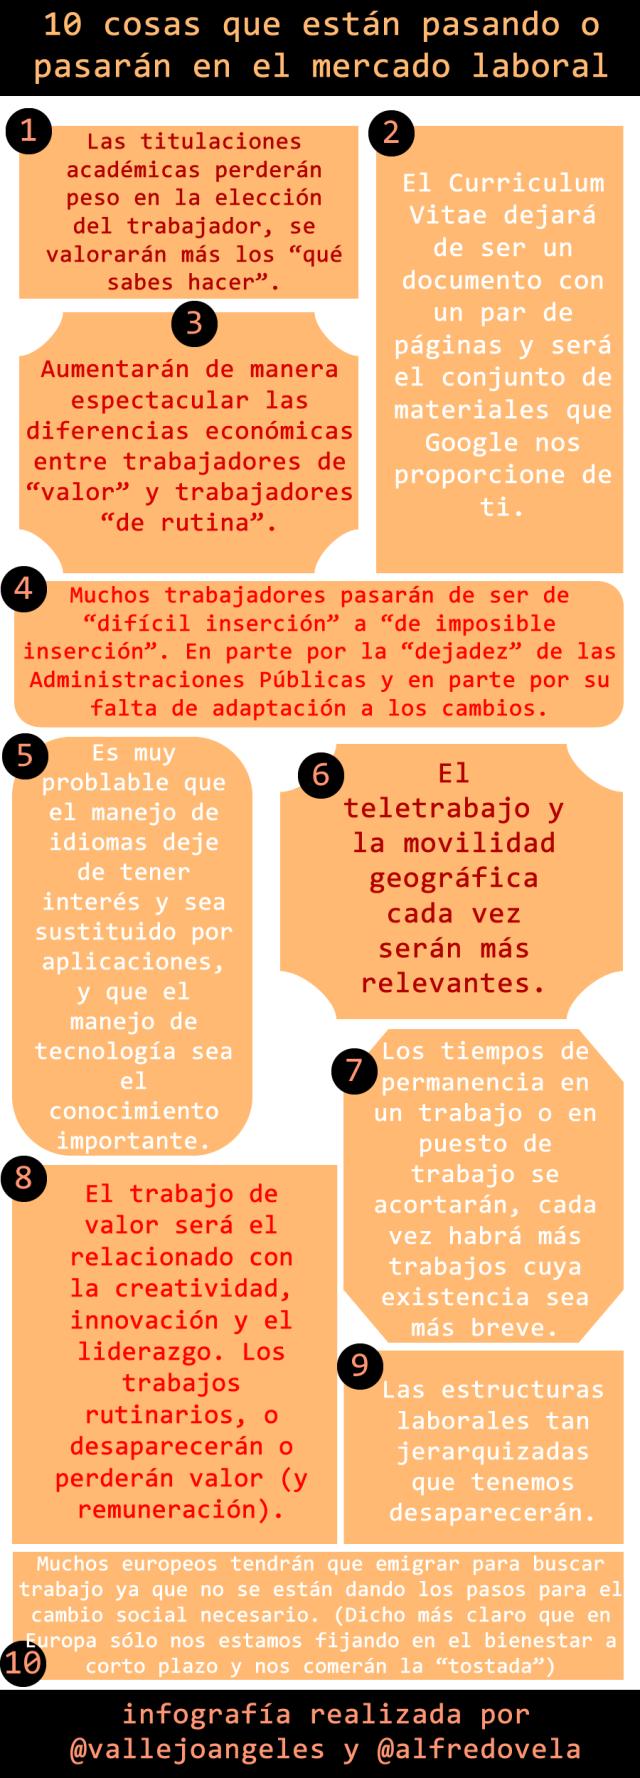 infografia_10_cosas_mercado_laboral